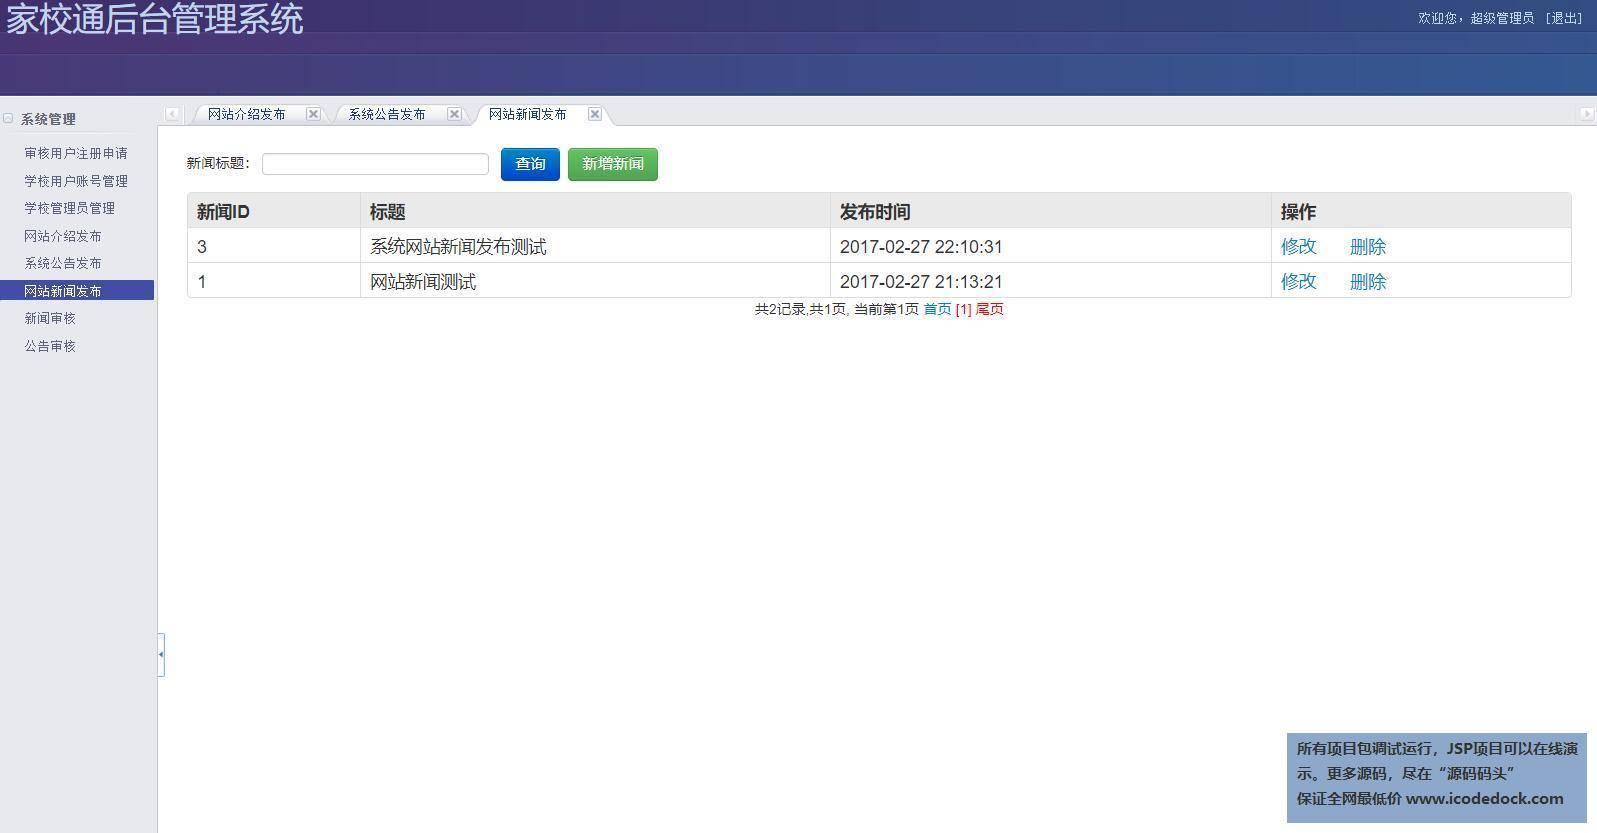 源码码头-SSM在线家校通管理系统-管理员角色-网站新闻发布